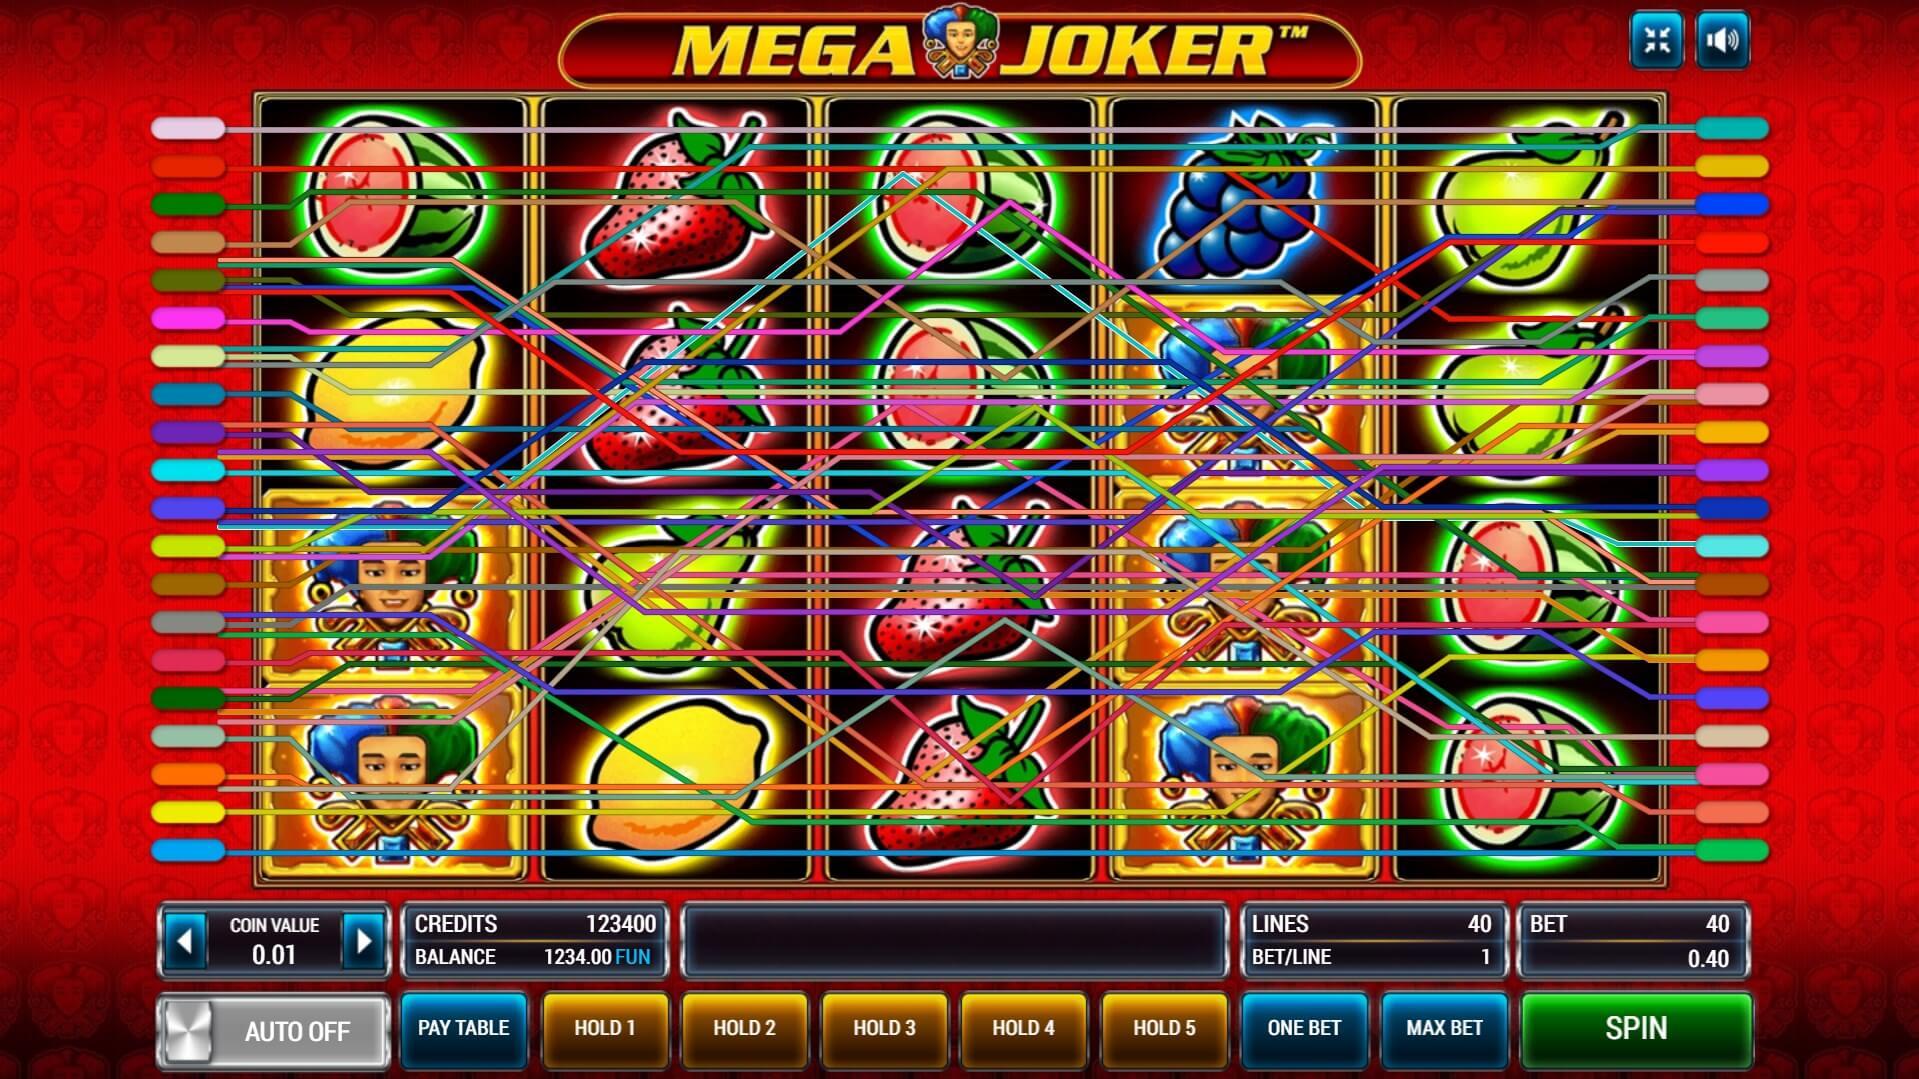 слот Mega Joker играть бесплатно